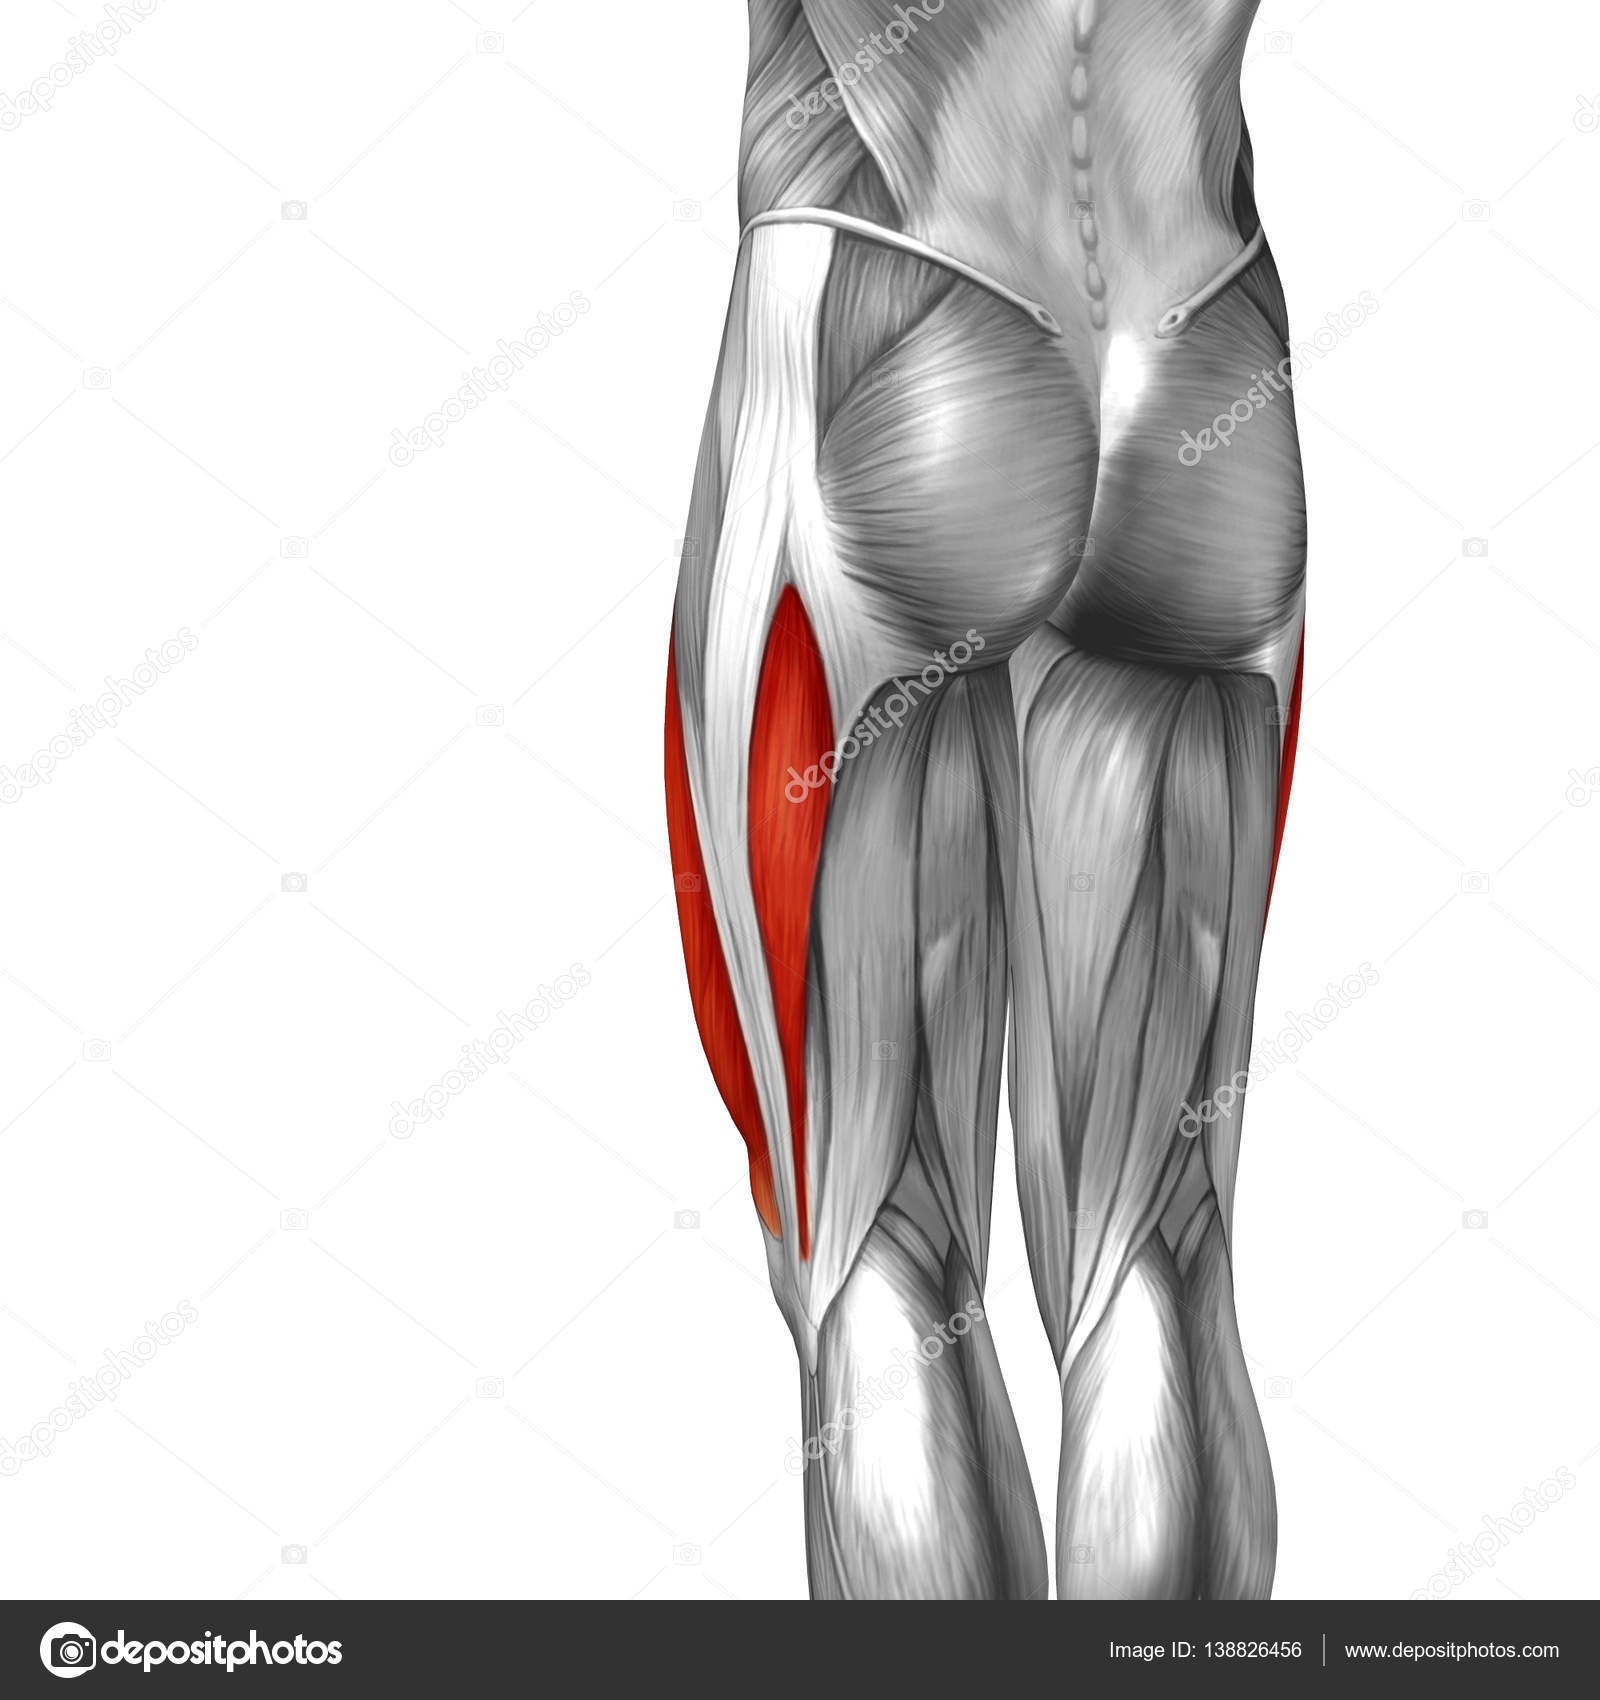 menschliche Oberschenkel-Anatomie — Stockfoto © design36 #138826456